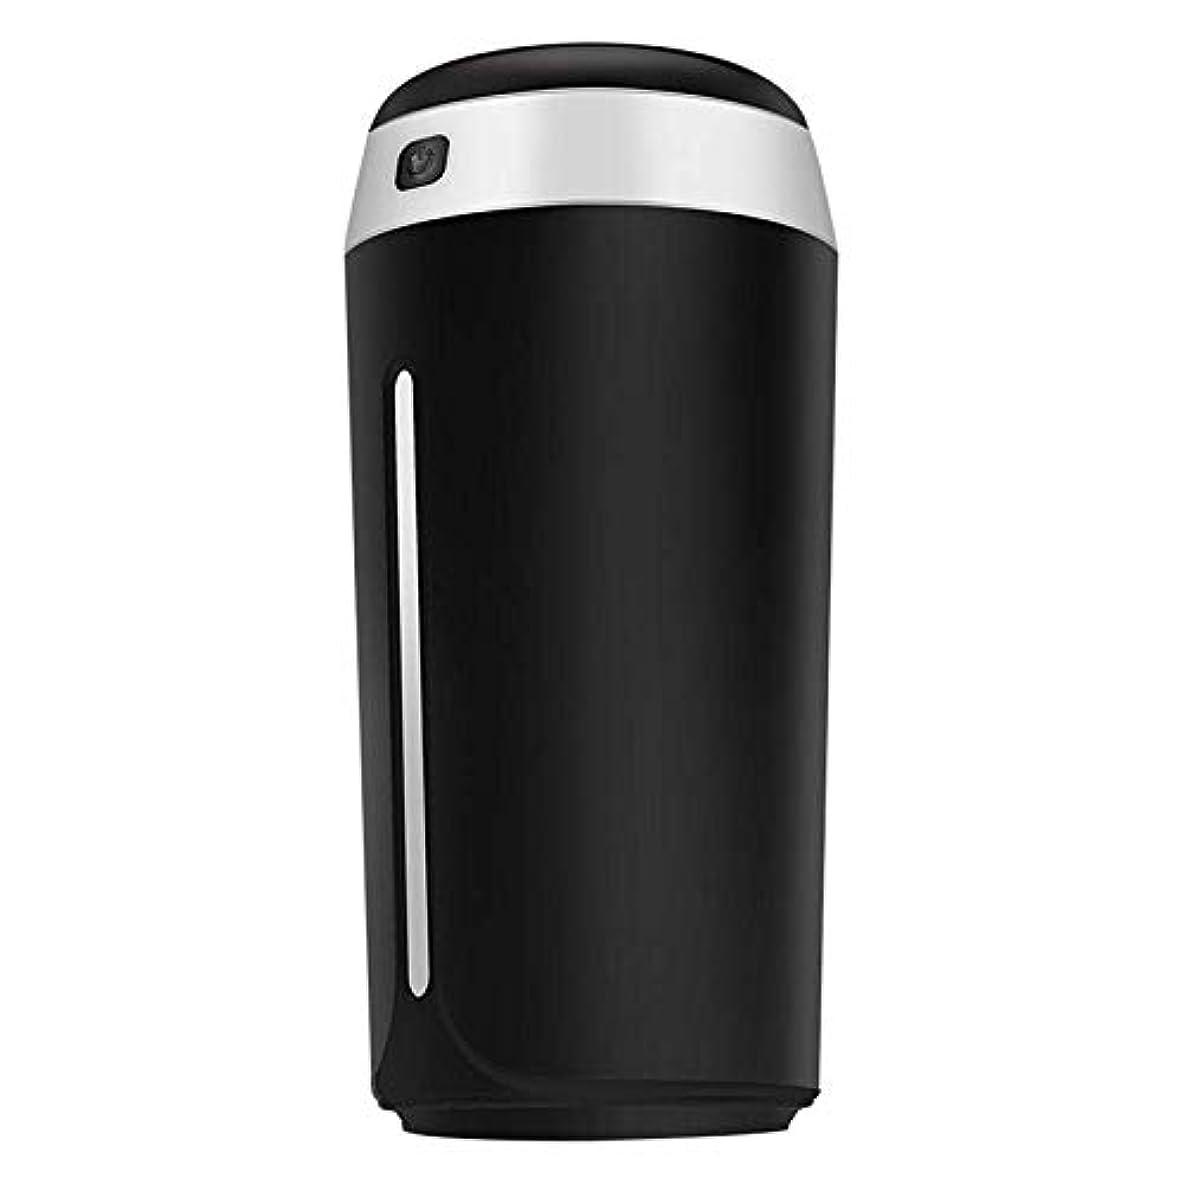 ぐるぐる痴漢川SOTCE アロマディフューザー加湿器内蔵の水位センサー満足のいく解決策ソフト変色のUSB電源の低電圧入力 (Color : Black)